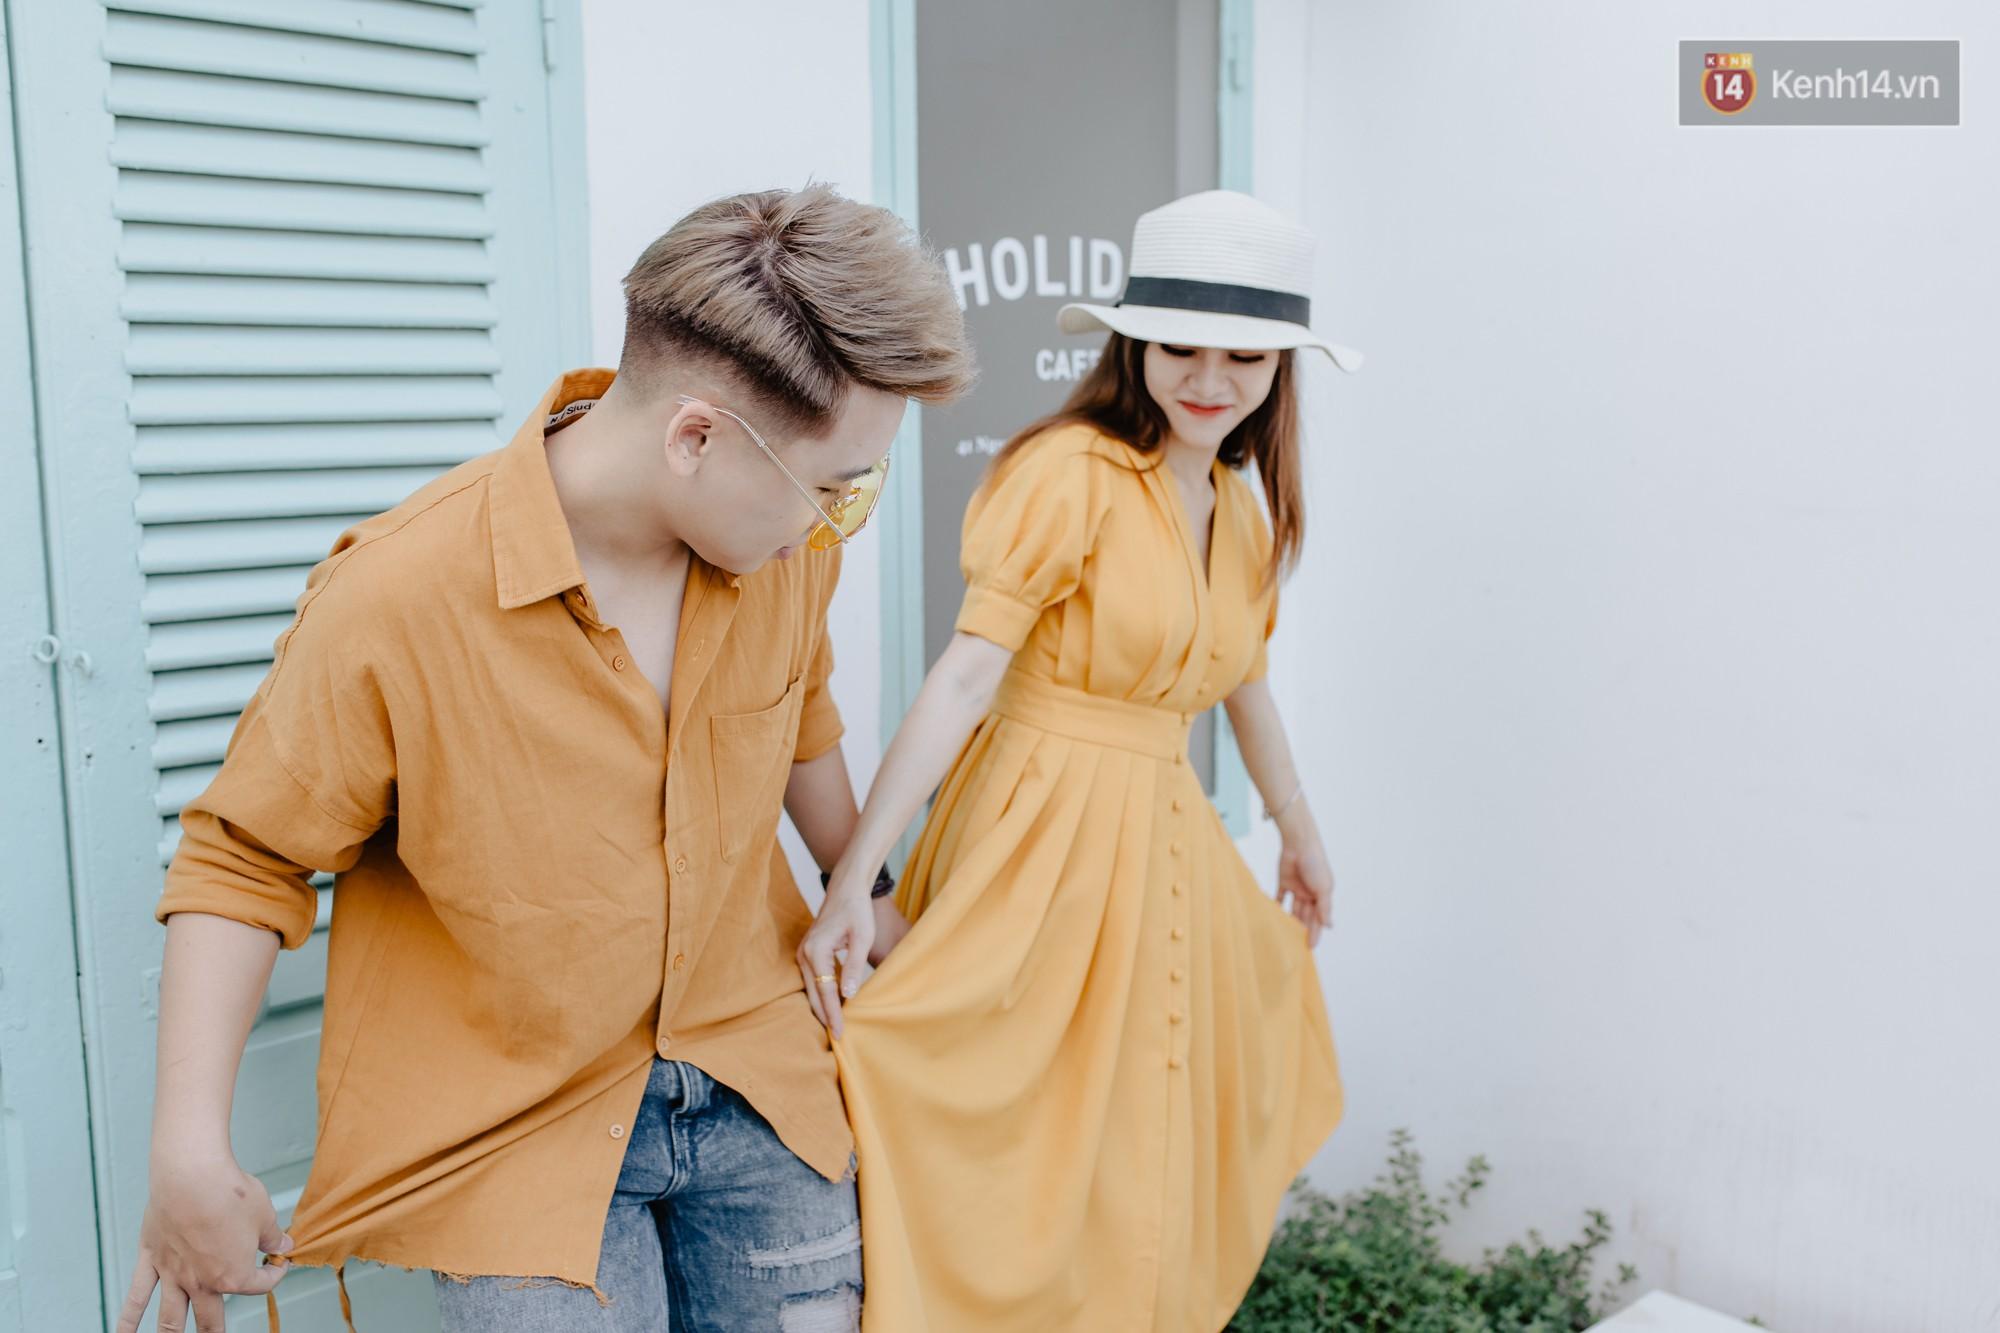 Huy Cung sau khi kết hôn: Đàn ông nên sợ vợ thì mới hạnh phúc được - Ảnh 8.